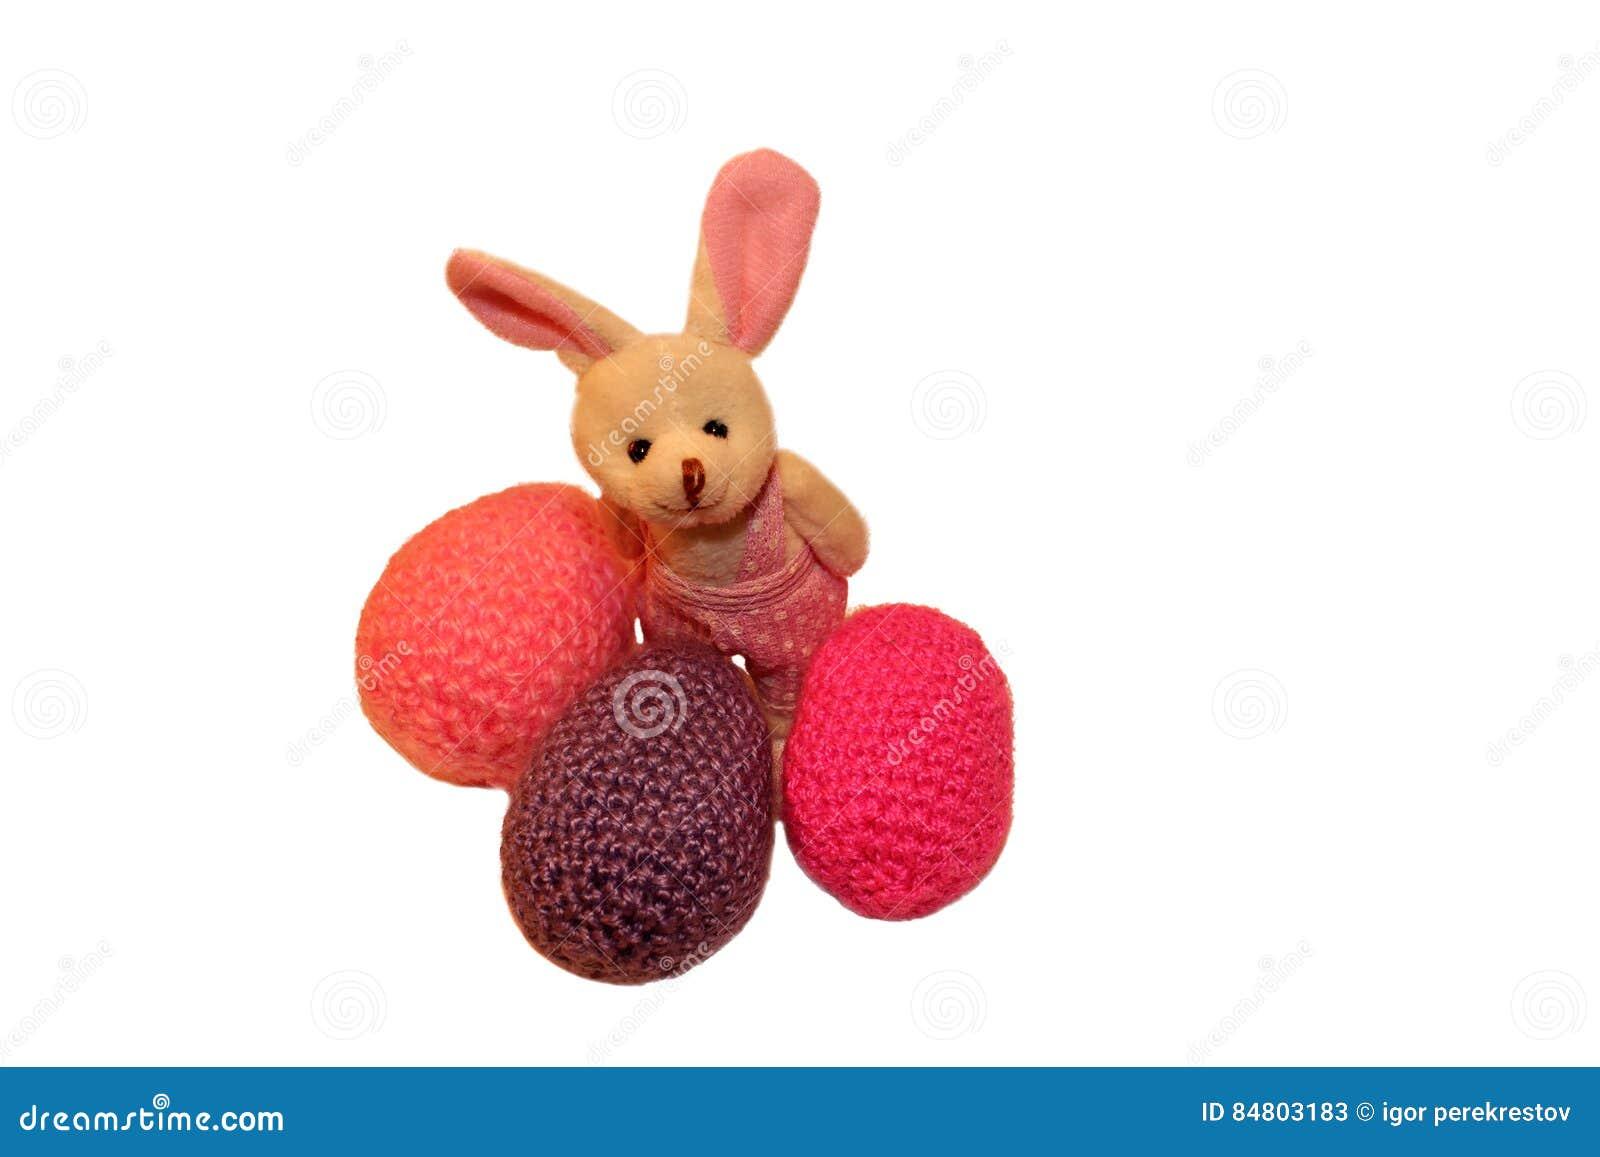 Fröhliche Ostern, Hase, Ostern, Weiß, Hintergrund, Isoliert, Froh ...